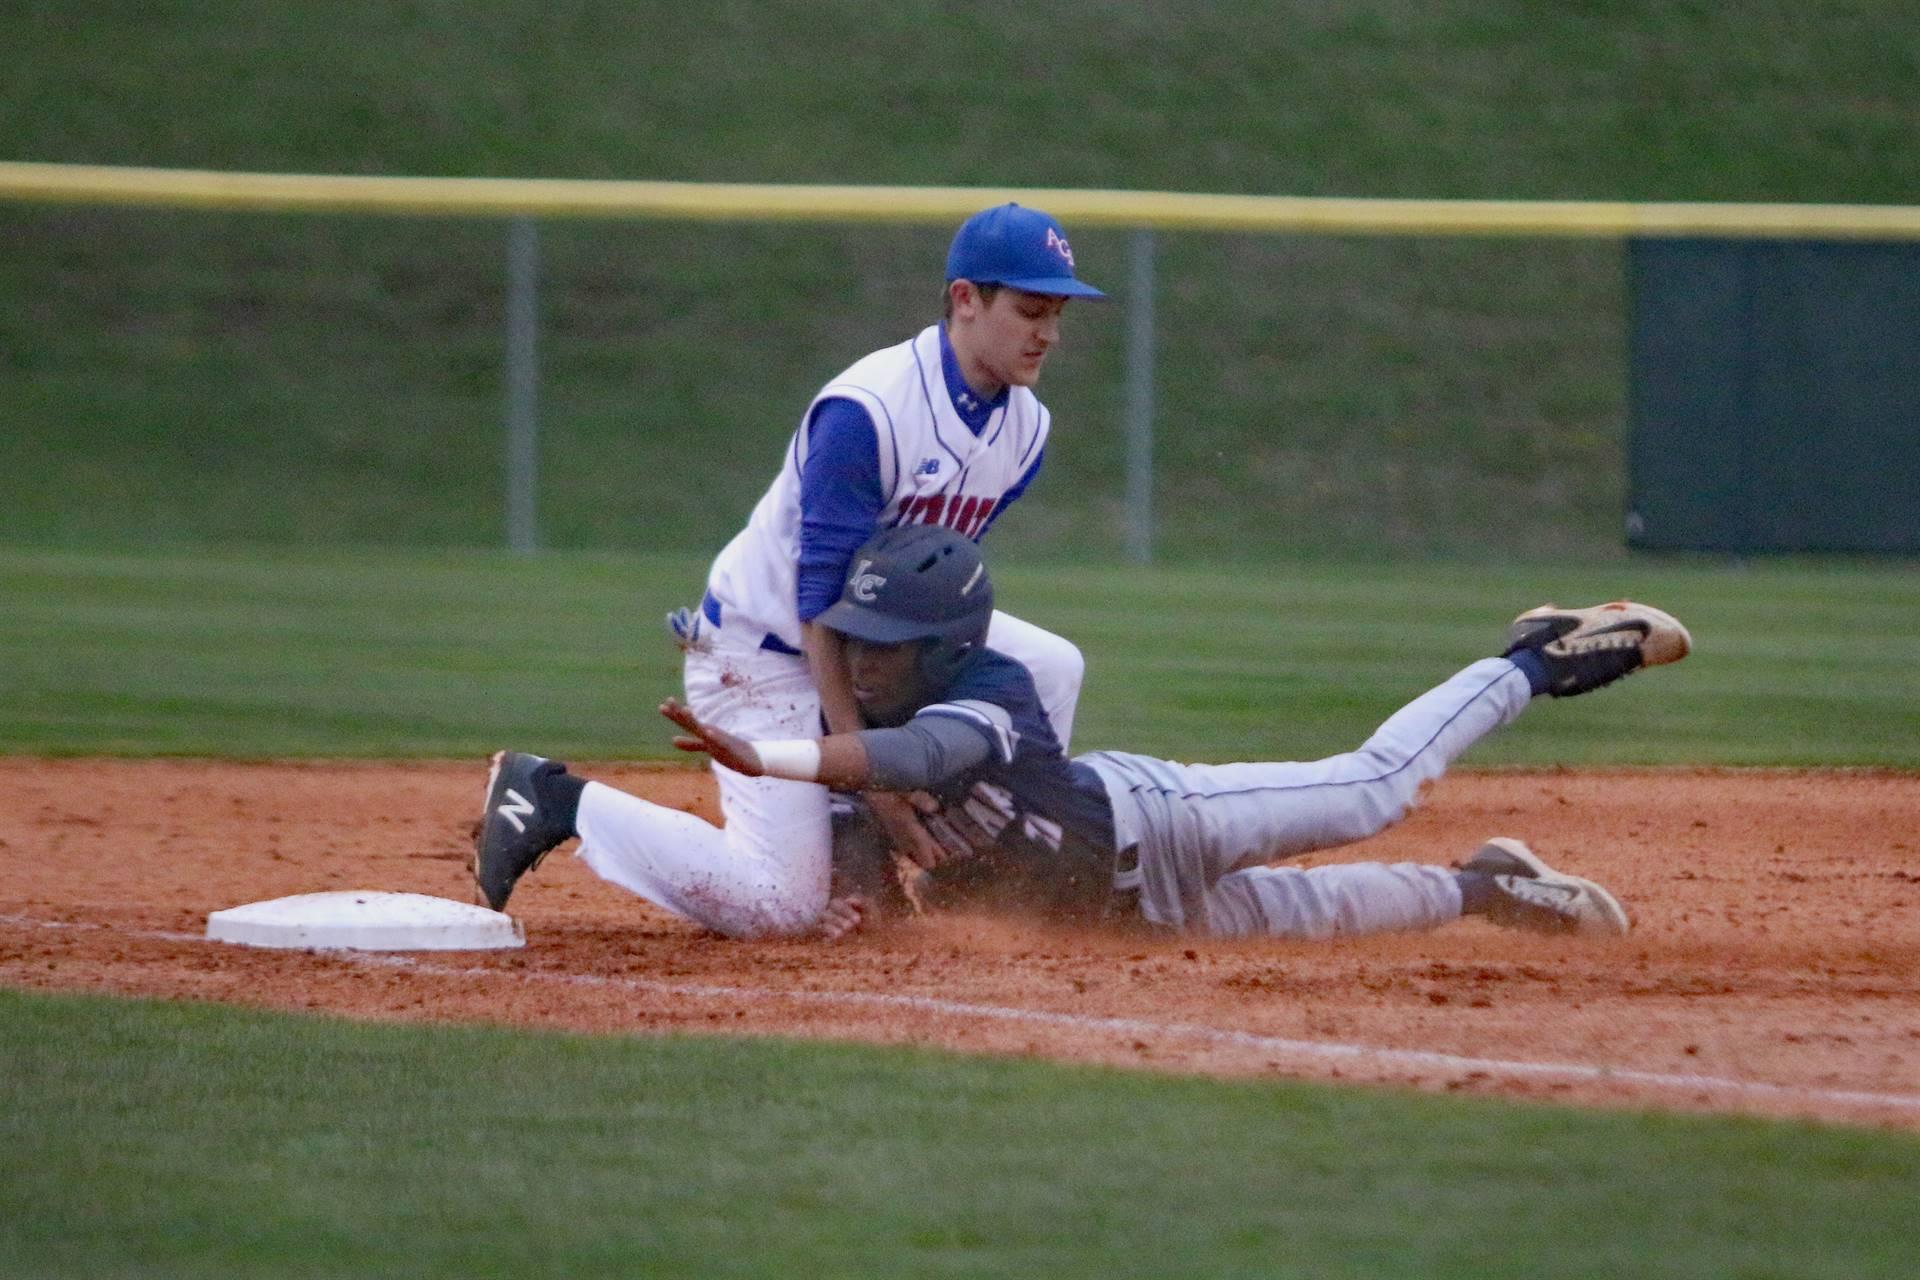 baseball play at third